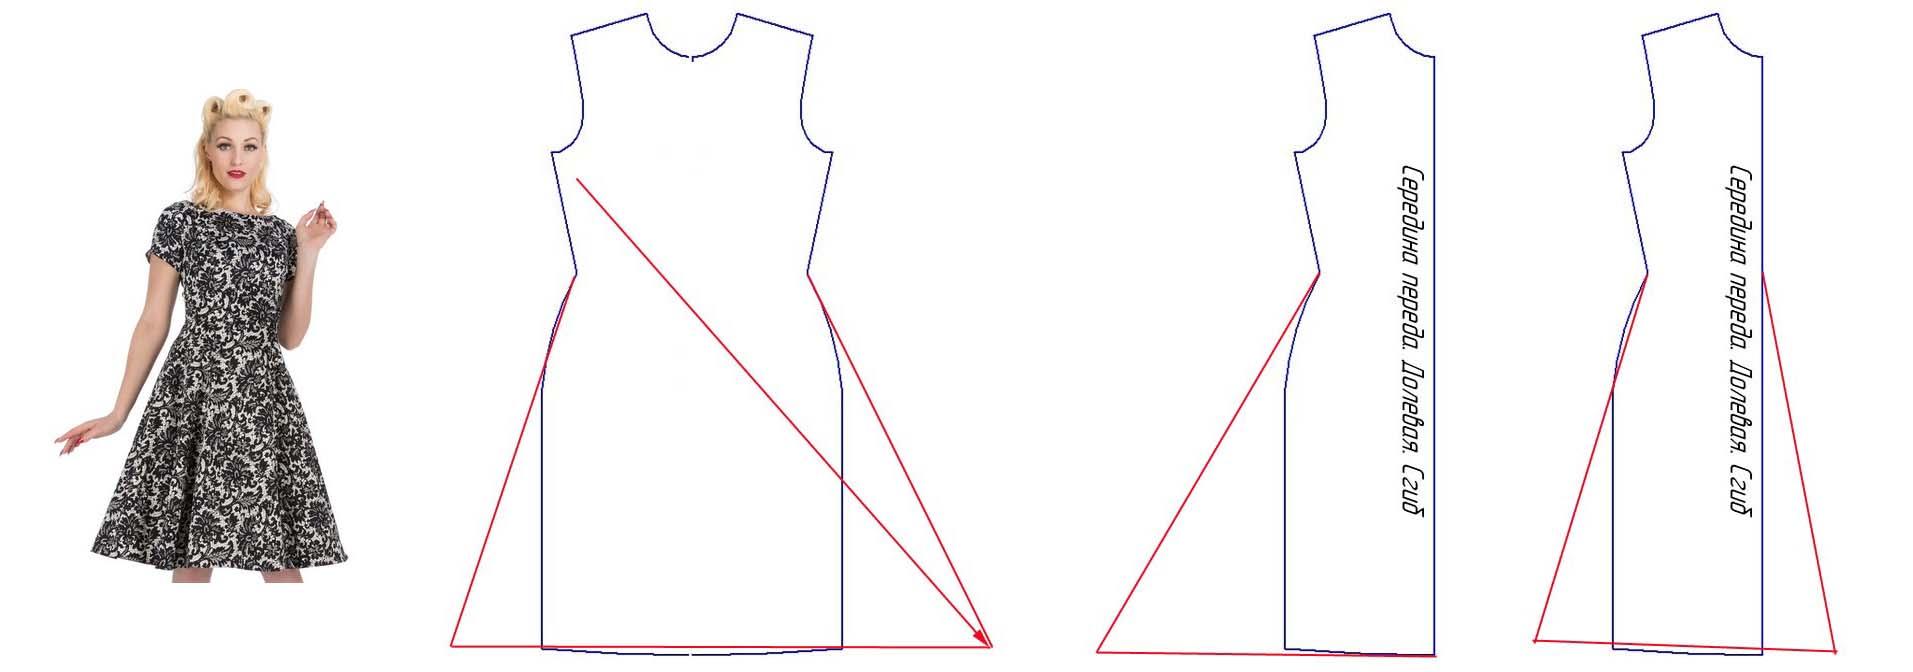 Как сшить платье по фигуре фото